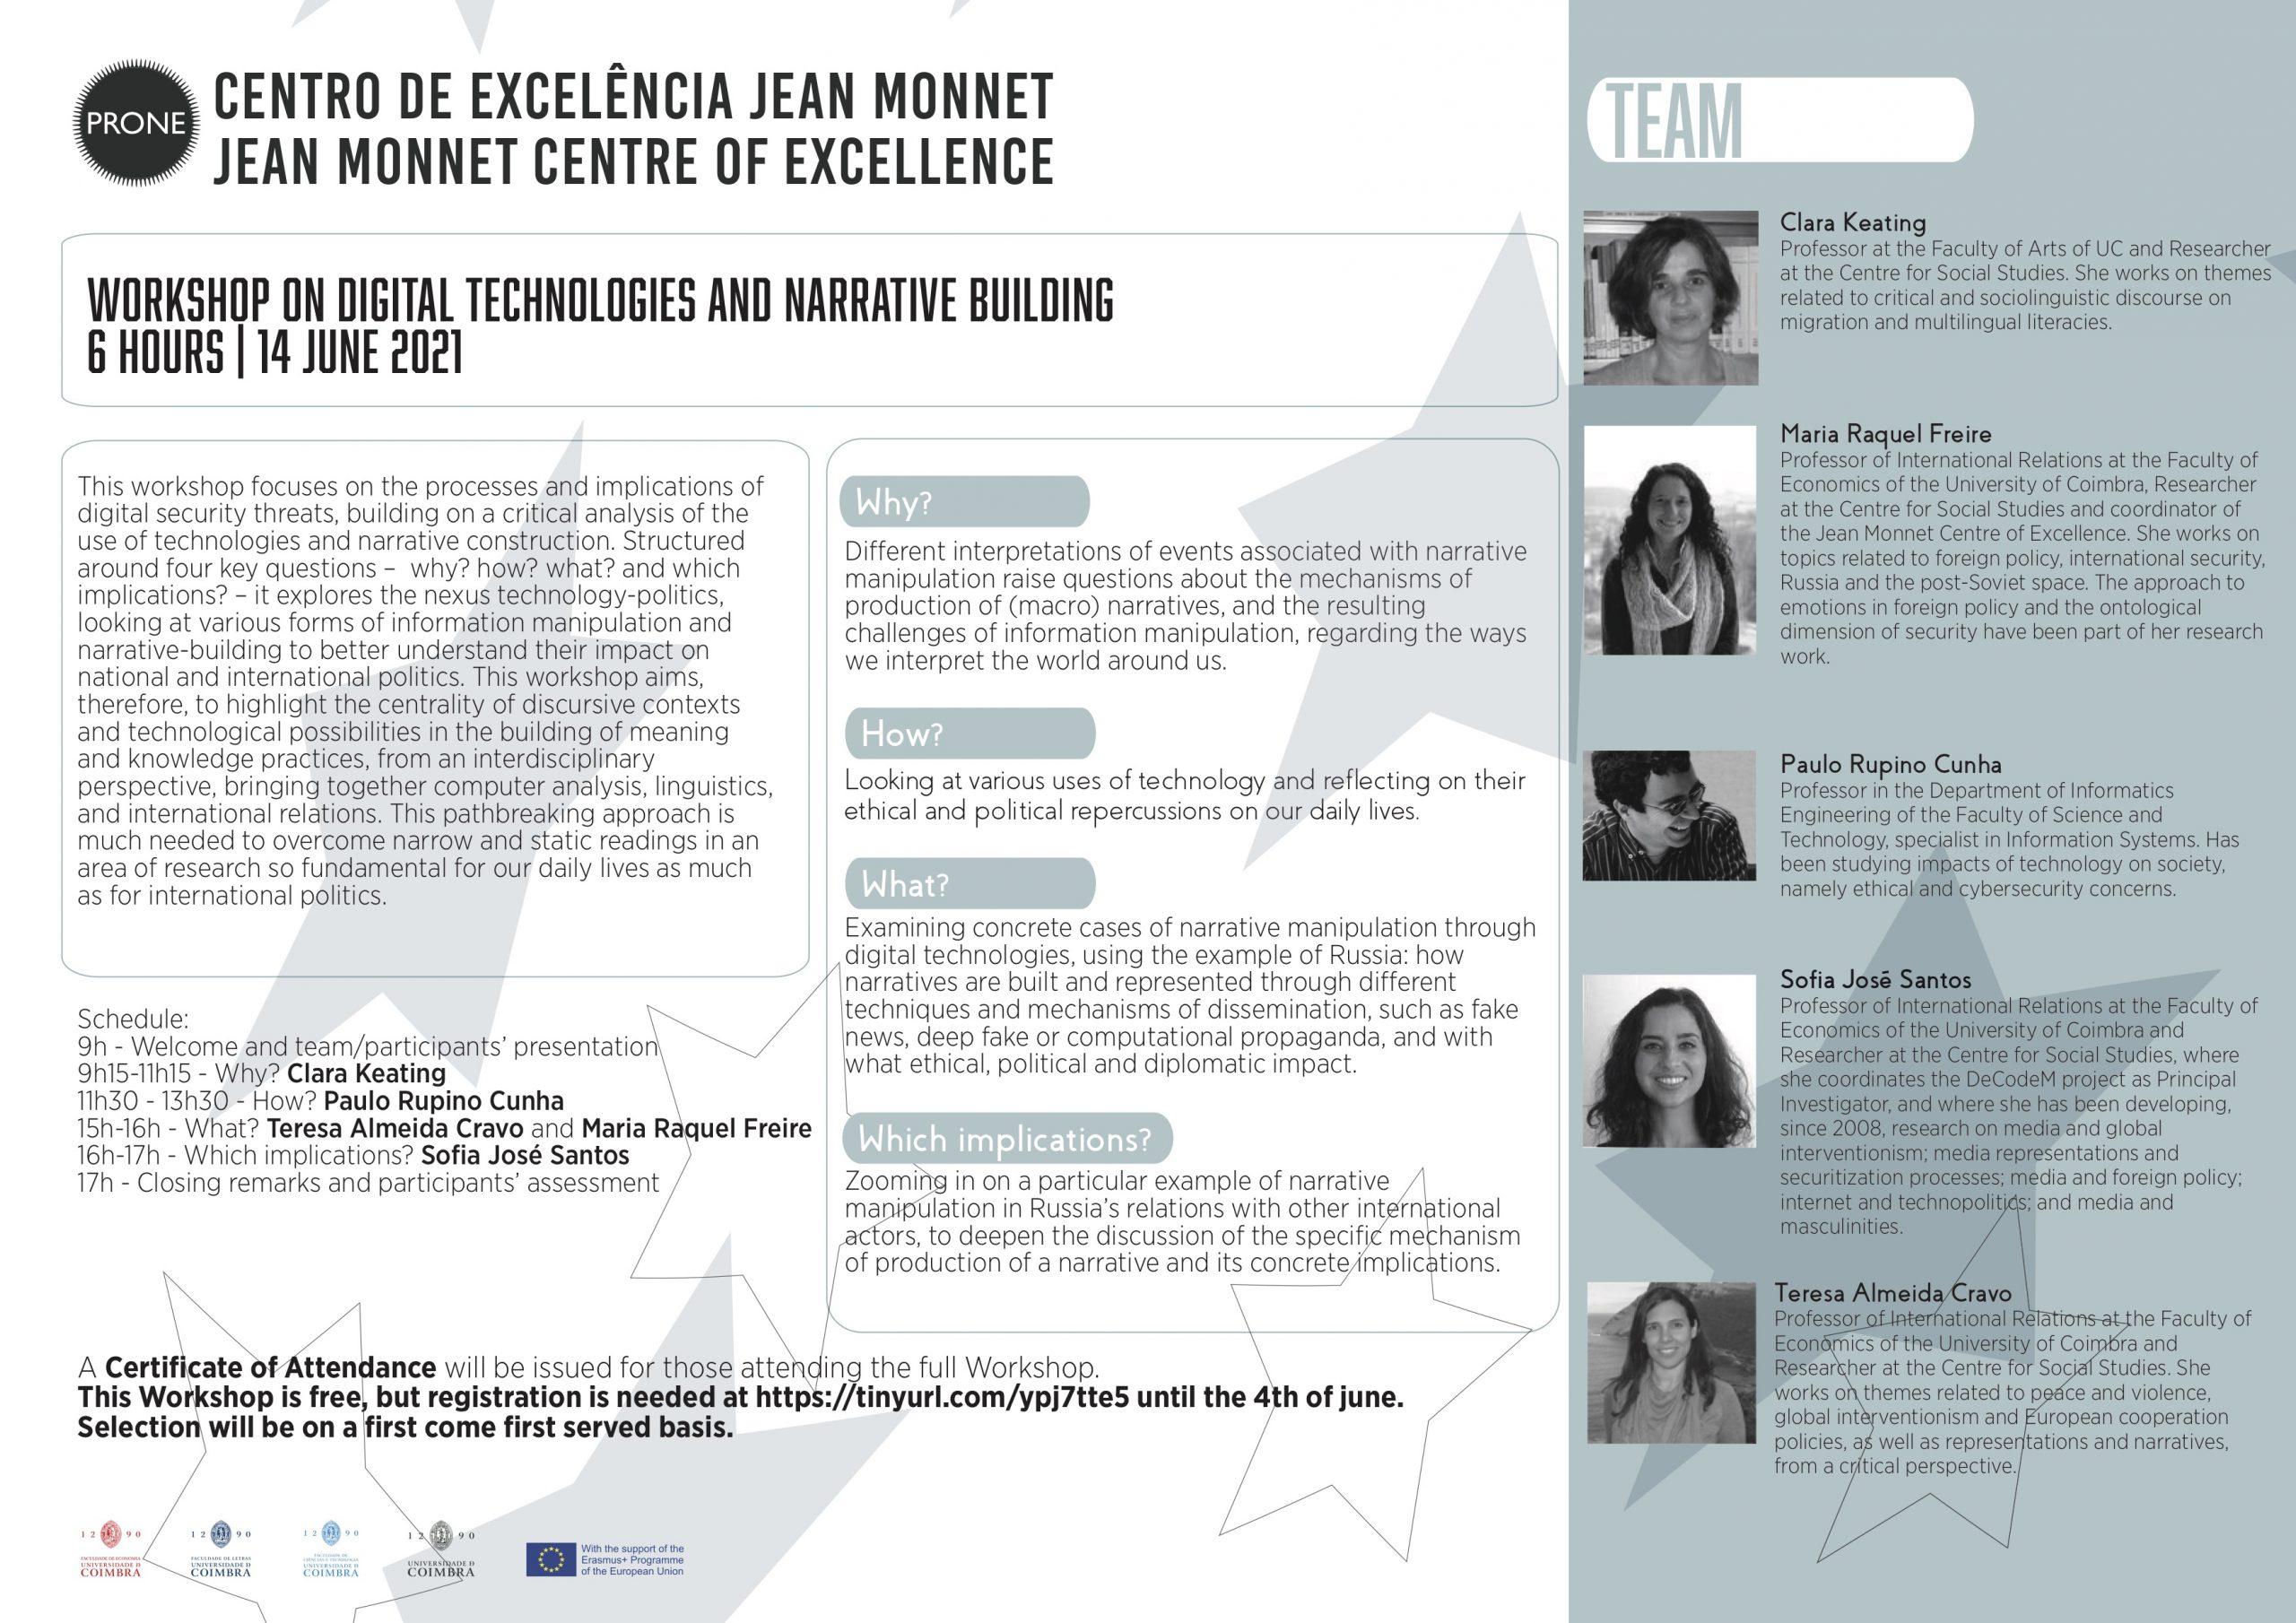 Workshop sobre Tecnologias Digitais e Construção de Narrativas